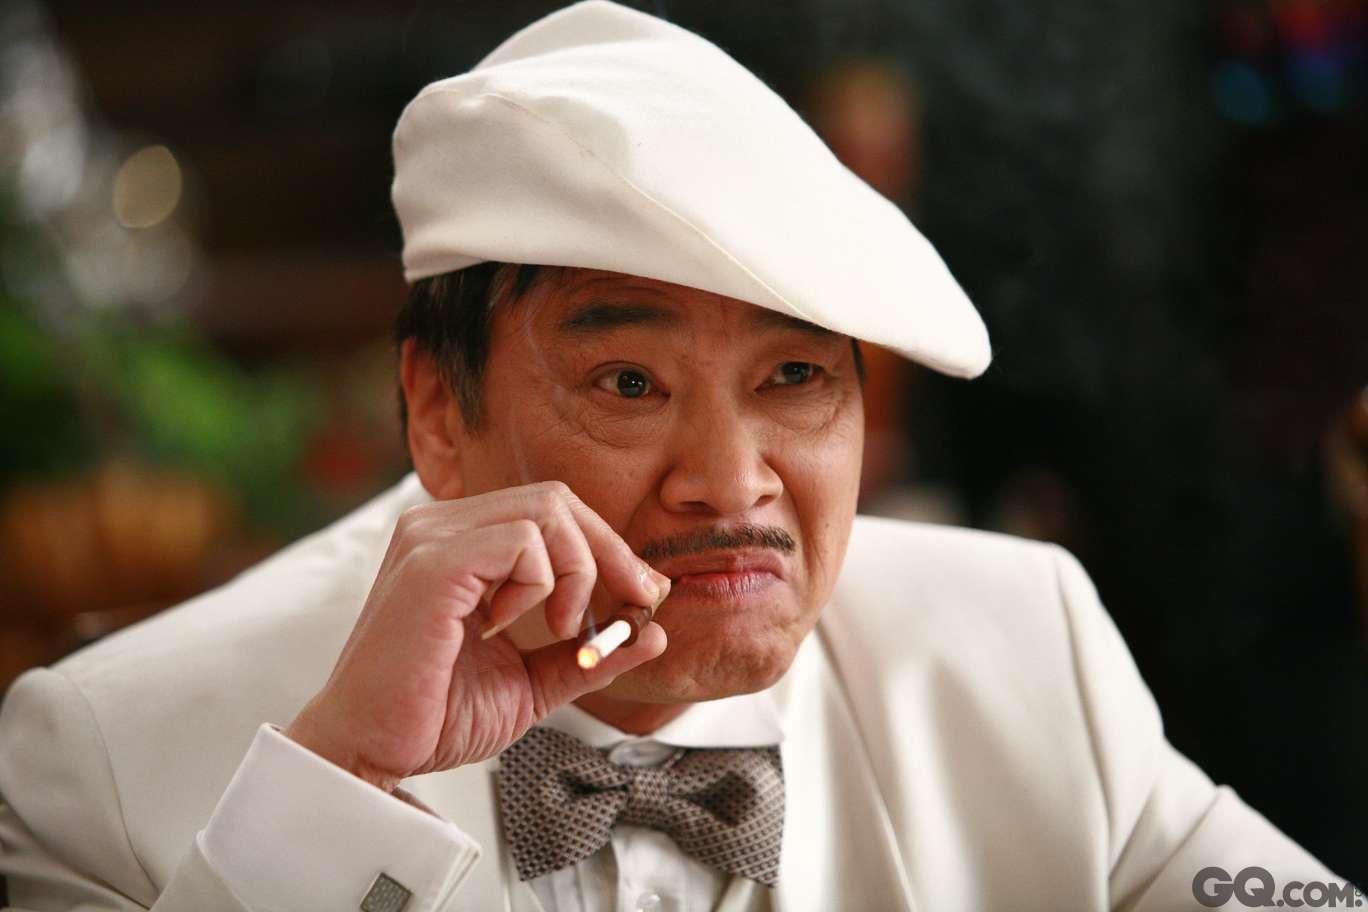 """香港艺人吴孟达在香港影视""""最热的时代""""出演过一系列家喻户晓的港产喜剧。作为资深艺人,吴孟达表示,香港电影发展有自己的优势,""""香港娱乐文化发展成熟,相关的电影活动丰富、有经验。"""""""